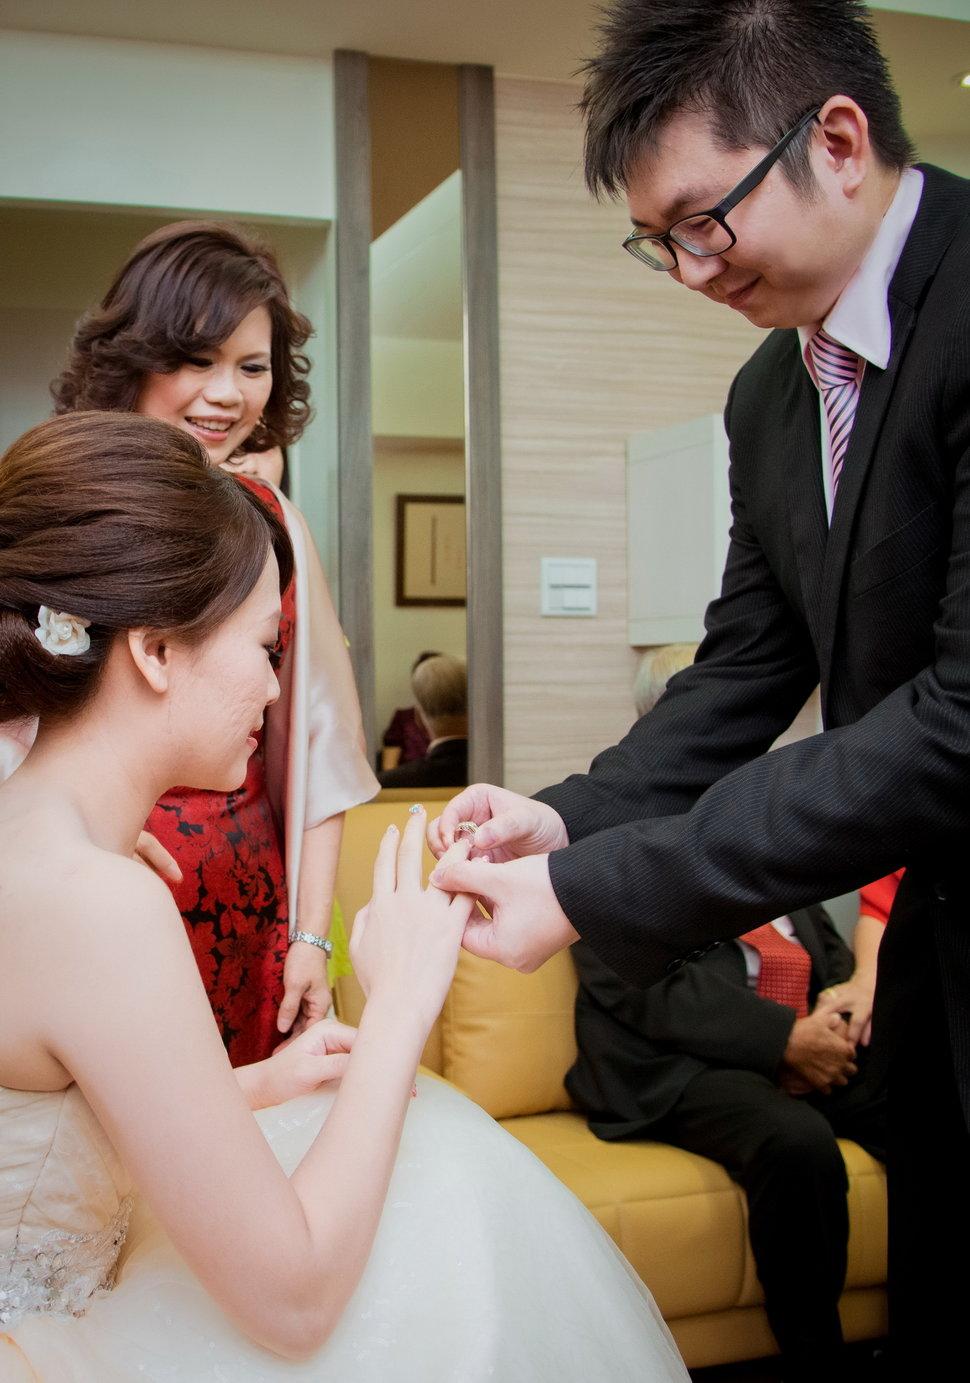 DSC_1639 - 光影人生photo studio《結婚吧》